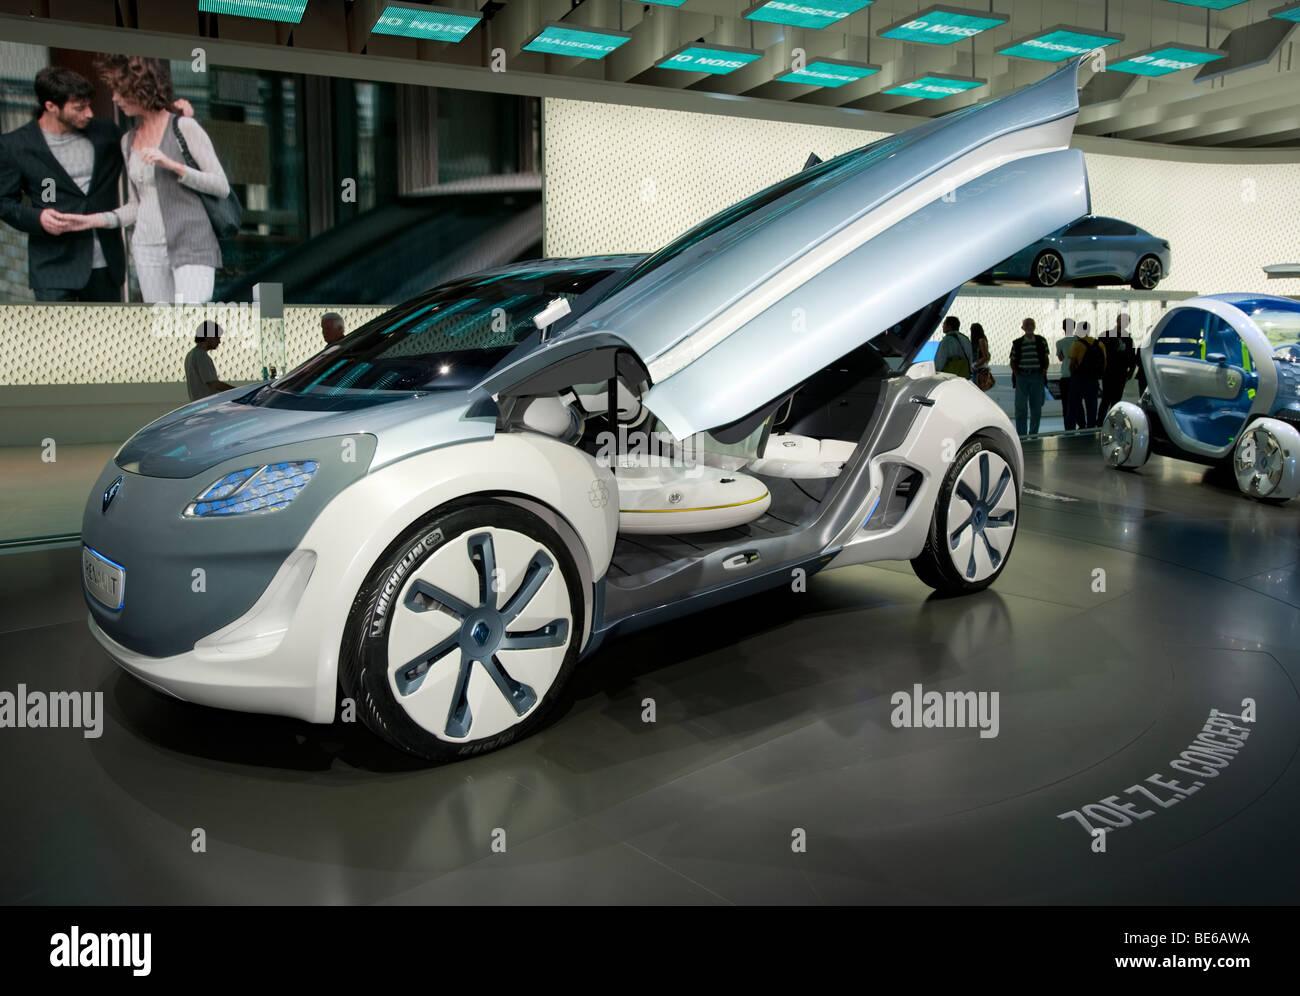 Concepto Zoe ZE coche eléctrico por Renault en la exhibición en Frankfurt Motor Show 2009 Imagen De Stock